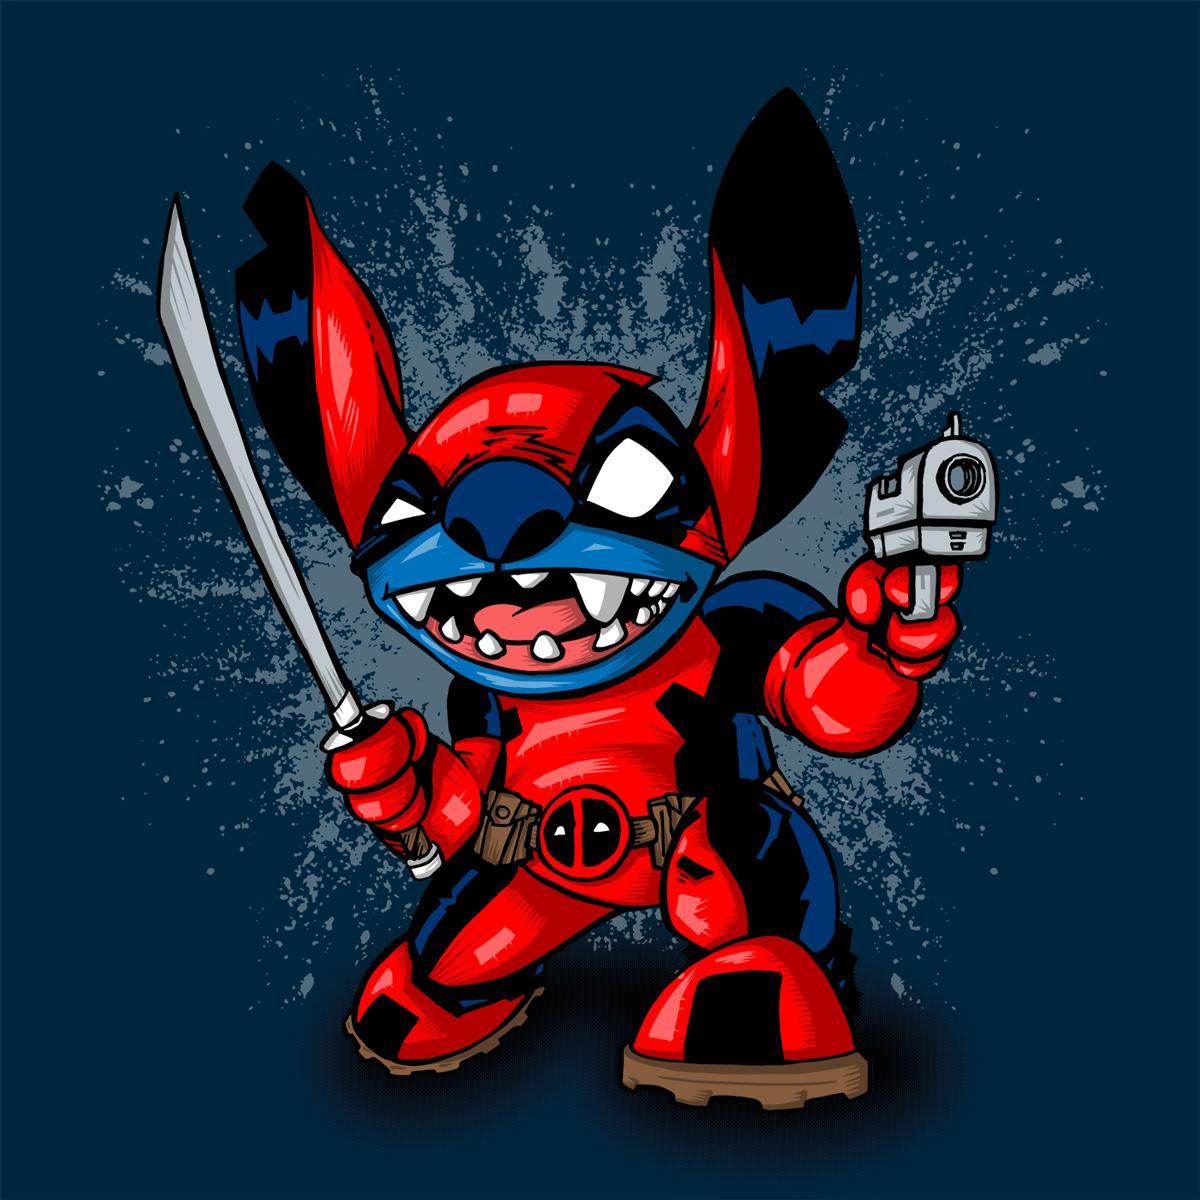 Deadpool + Stitch = StitchPool